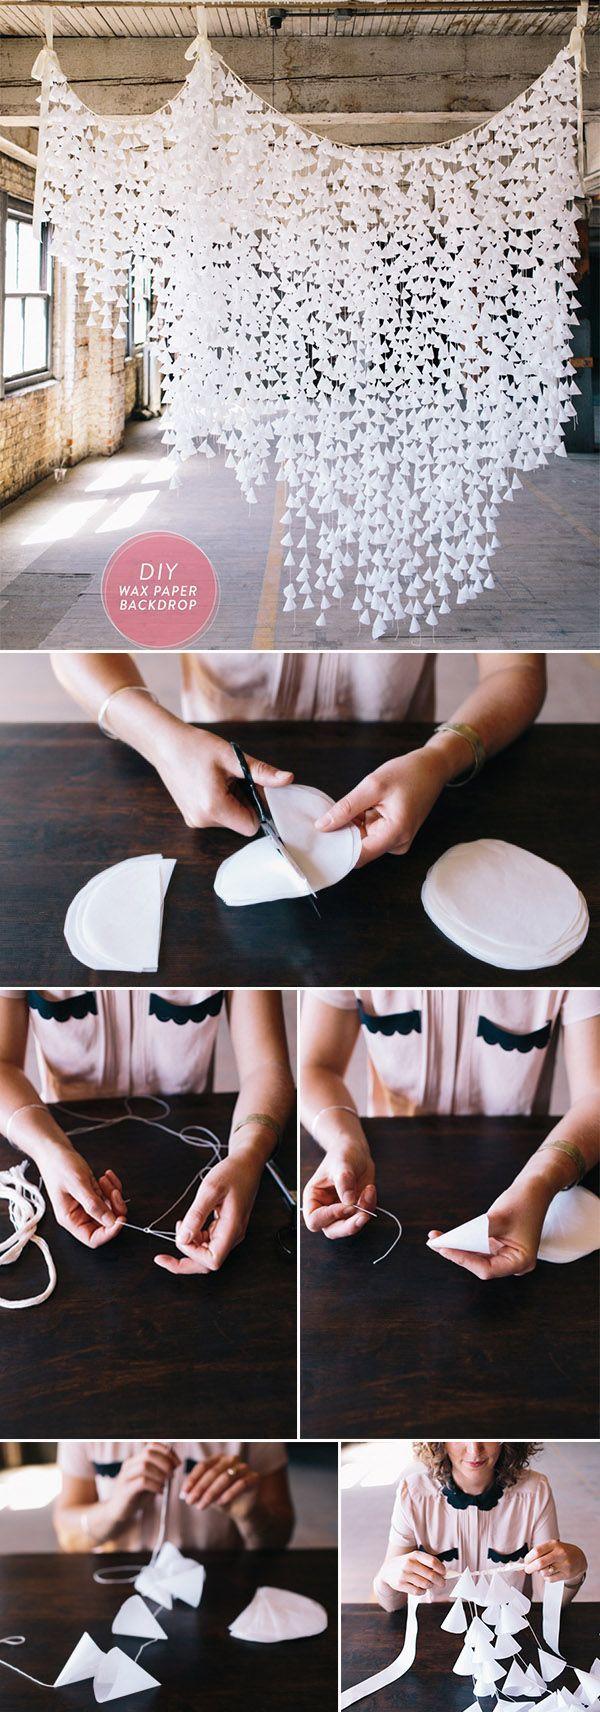 diy wedding decorations wedding supplies 10 Wedding Ideas On A Budget